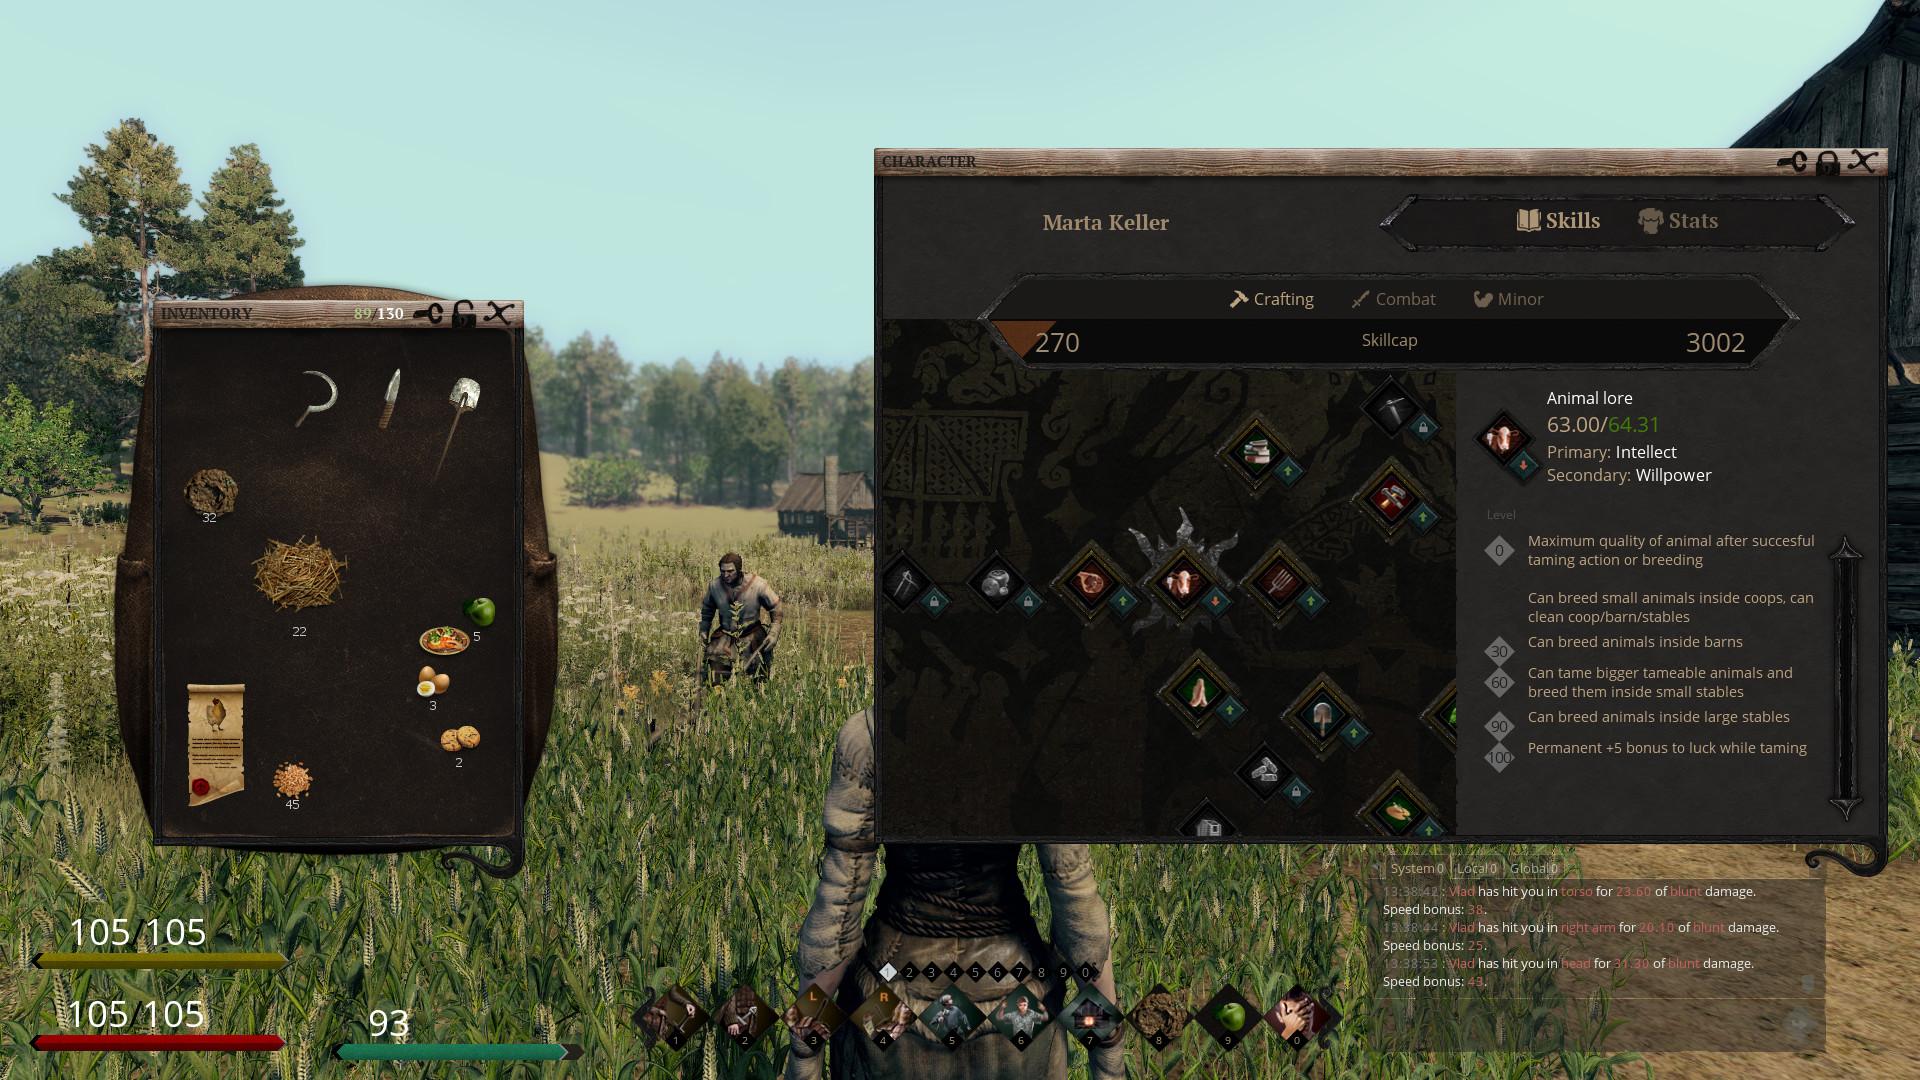 Life is feudal mmo таблица умений скачать онлайн игру бесплатно варфейс